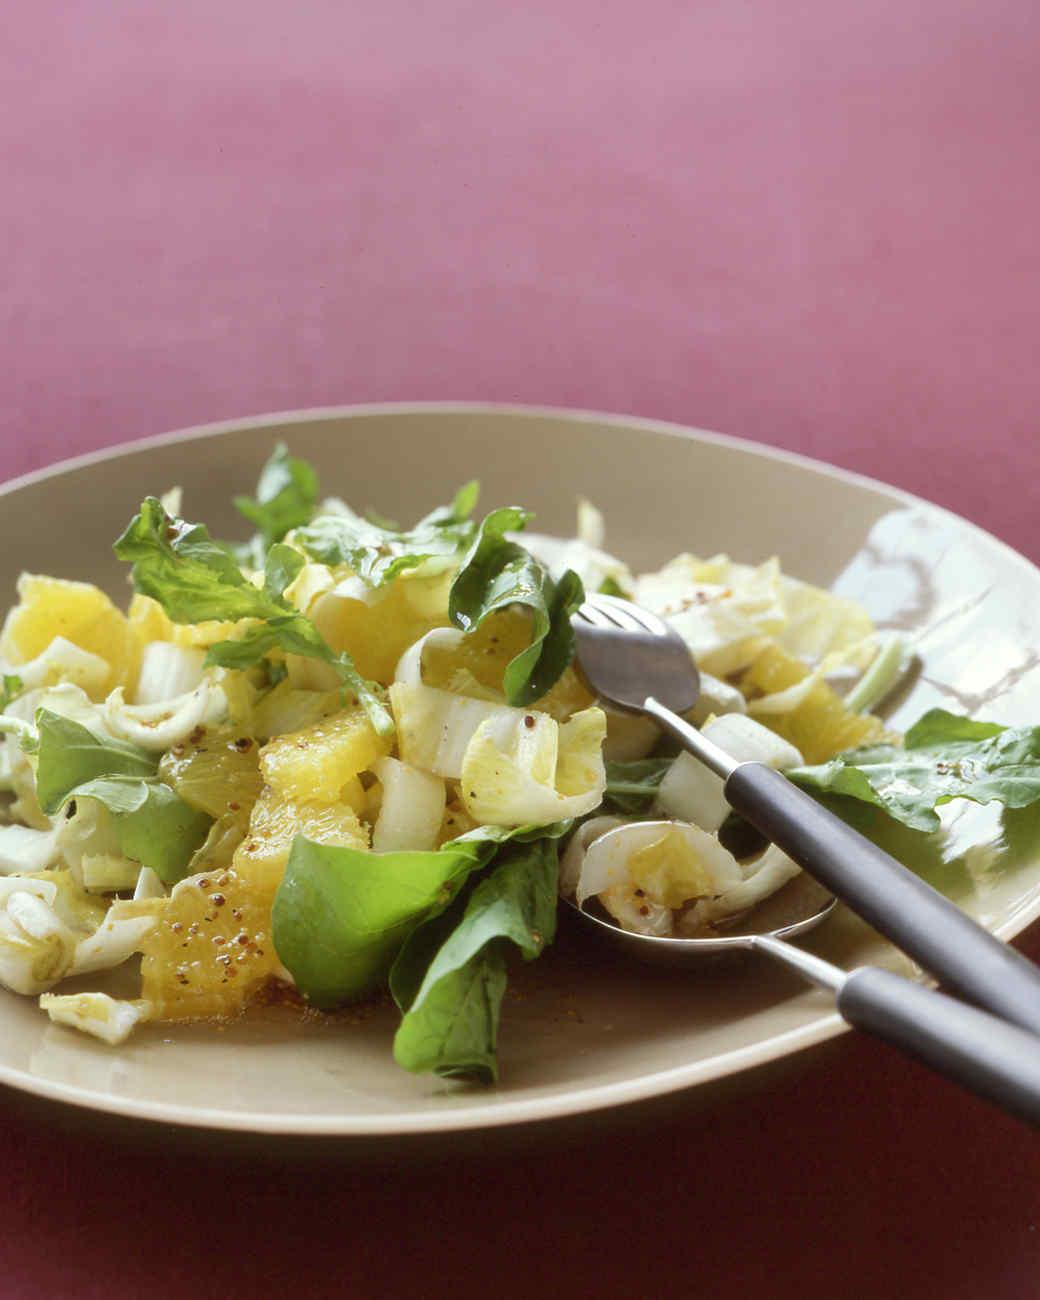 arugula-endive-salad-1104med101006.jpg